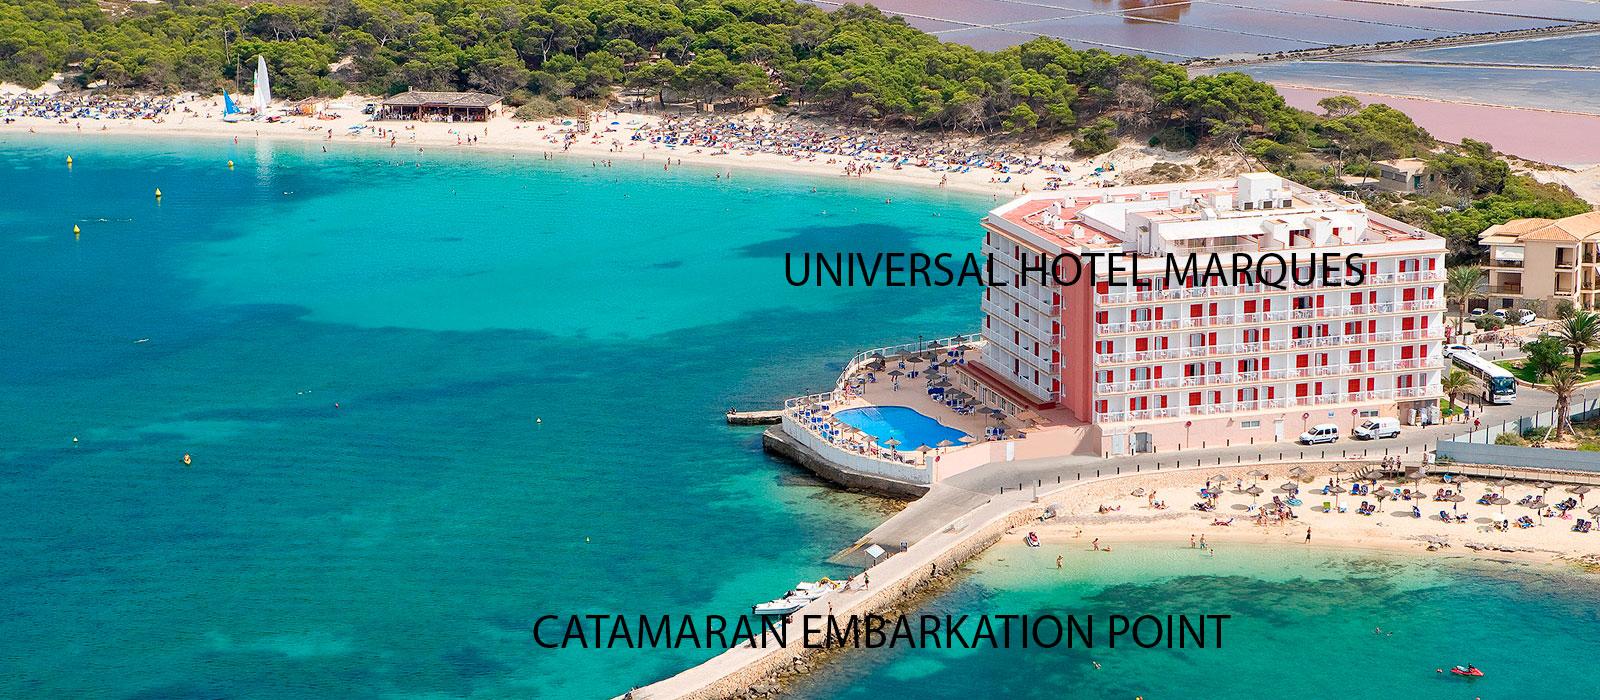 Mallorca Colonia Sant Jordi Hotel Marques